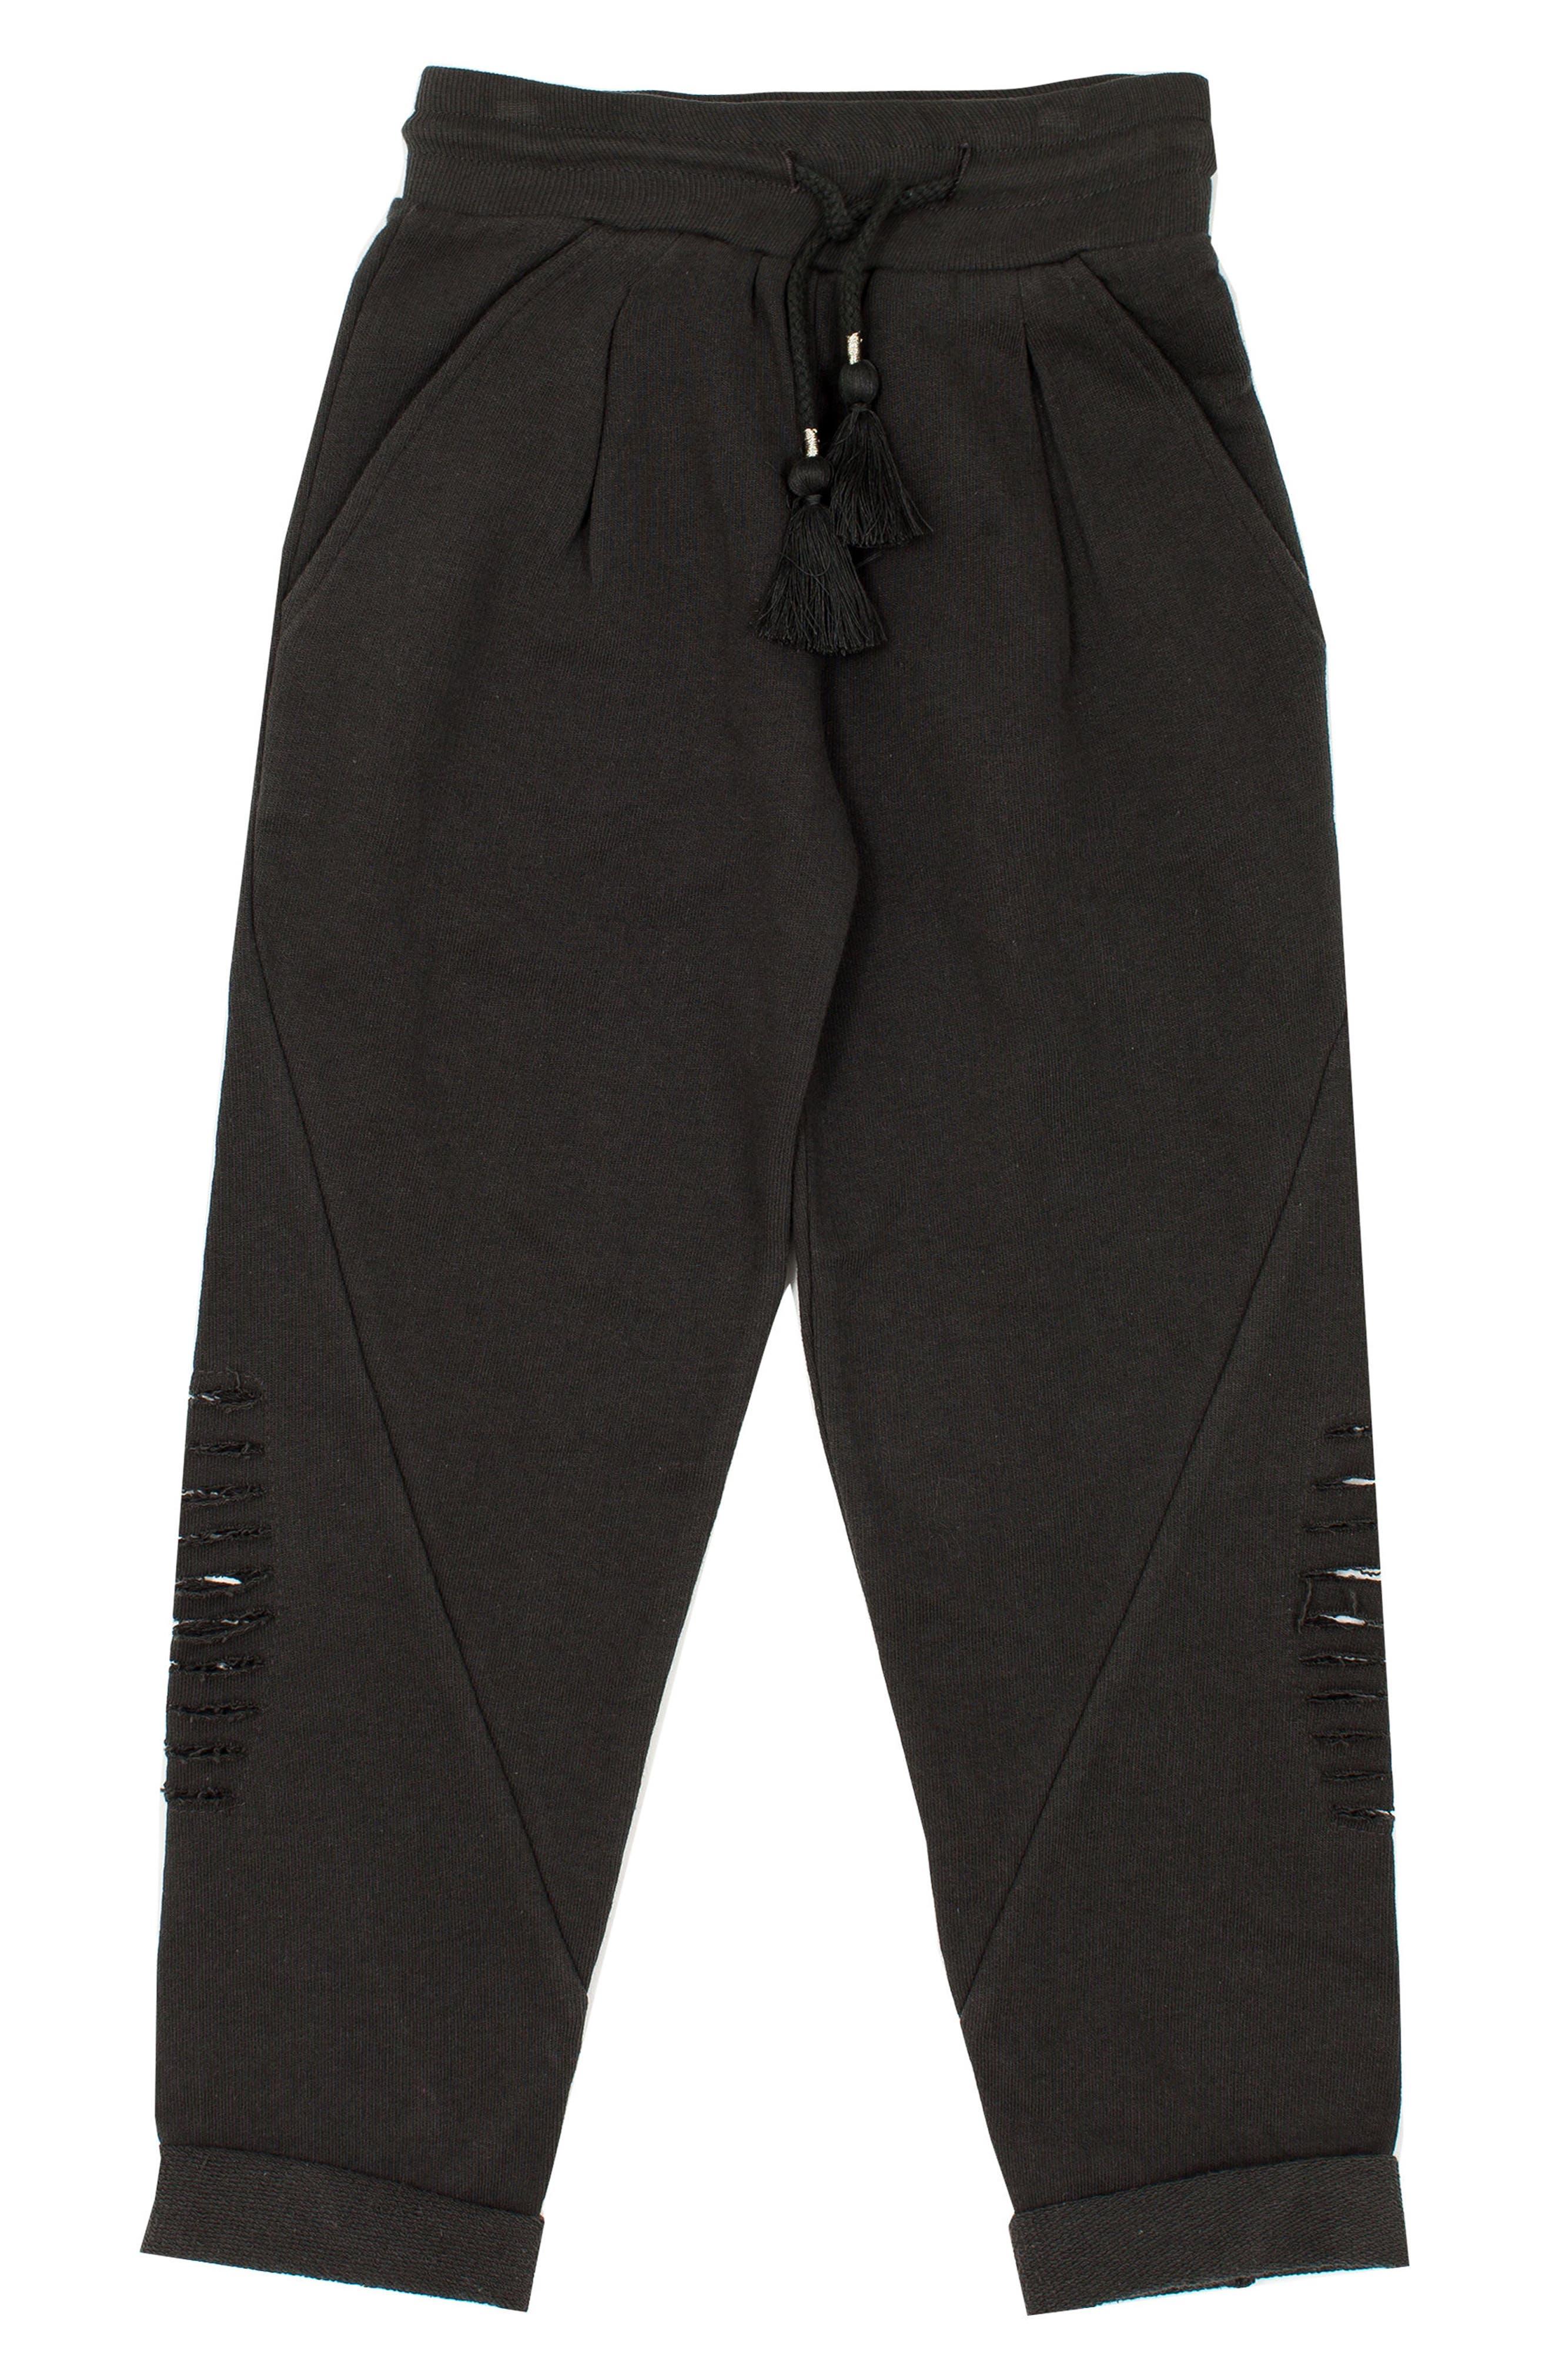 Girls Bowie X James Alchemy Distressed Sweatpants Size L (1112)  Grey